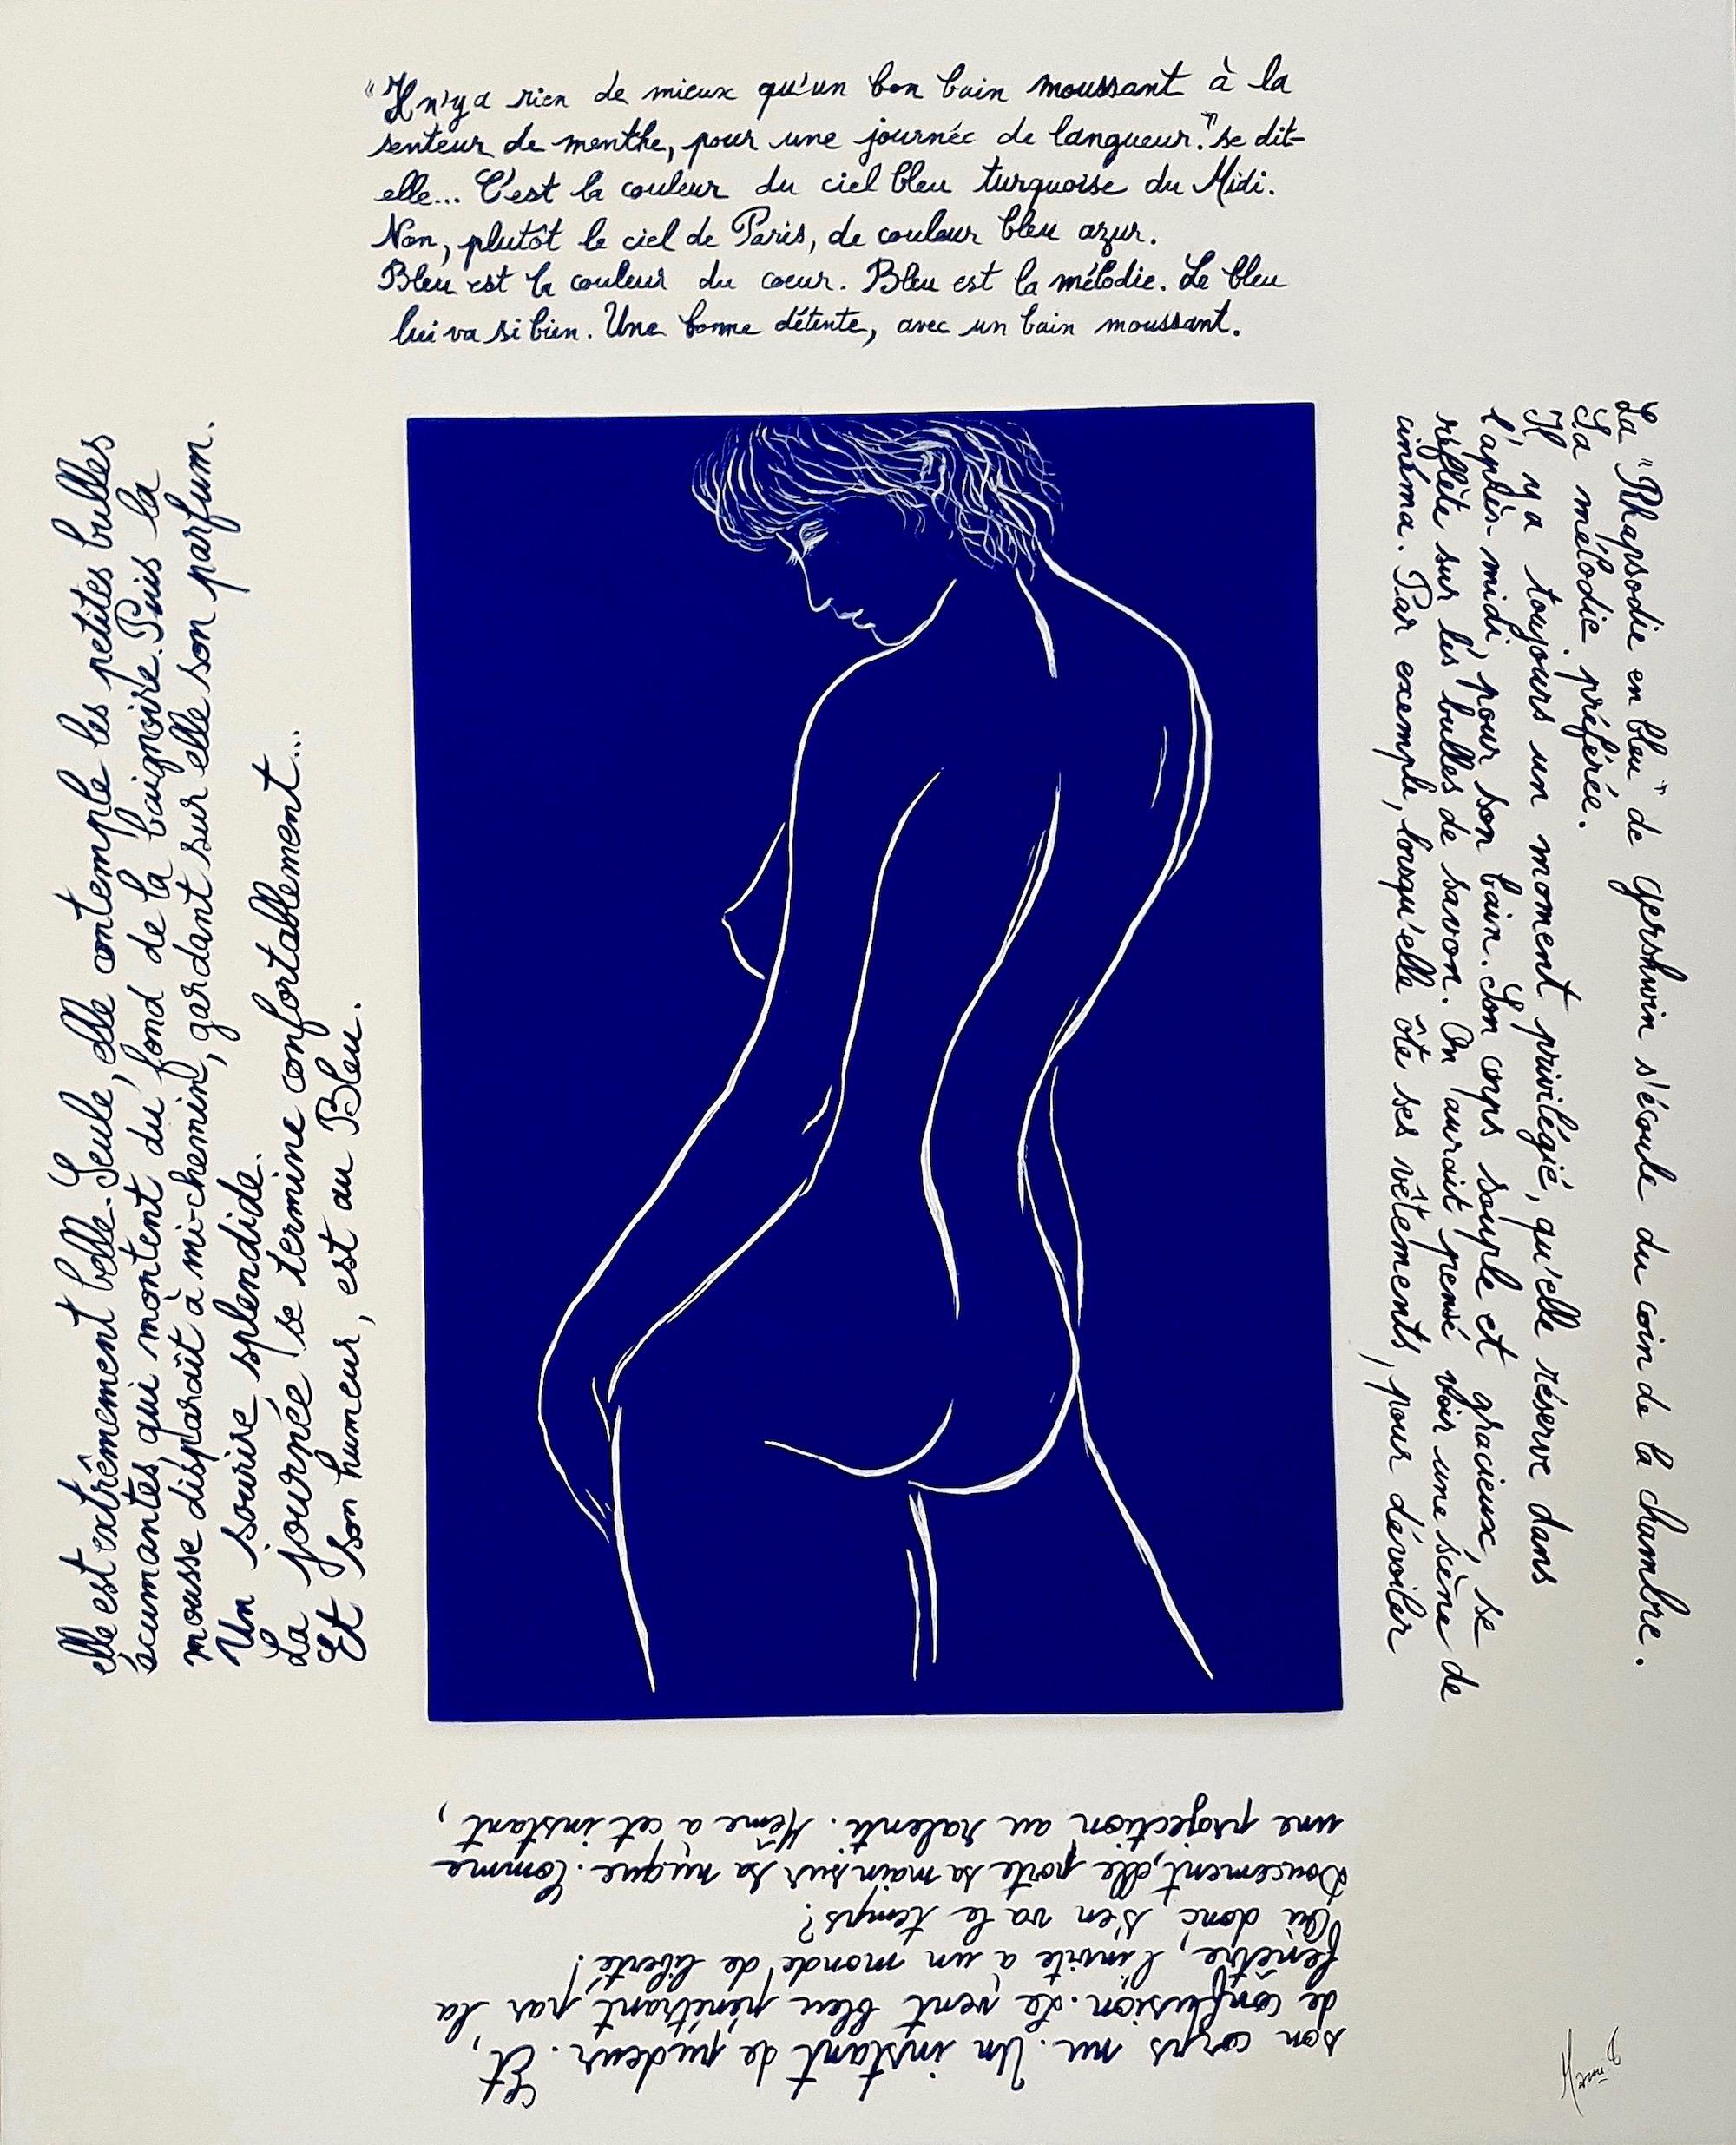 MAMI /  Images et Poésie, Bain Moussant Bleu : 40 F (100 X 81 cm )